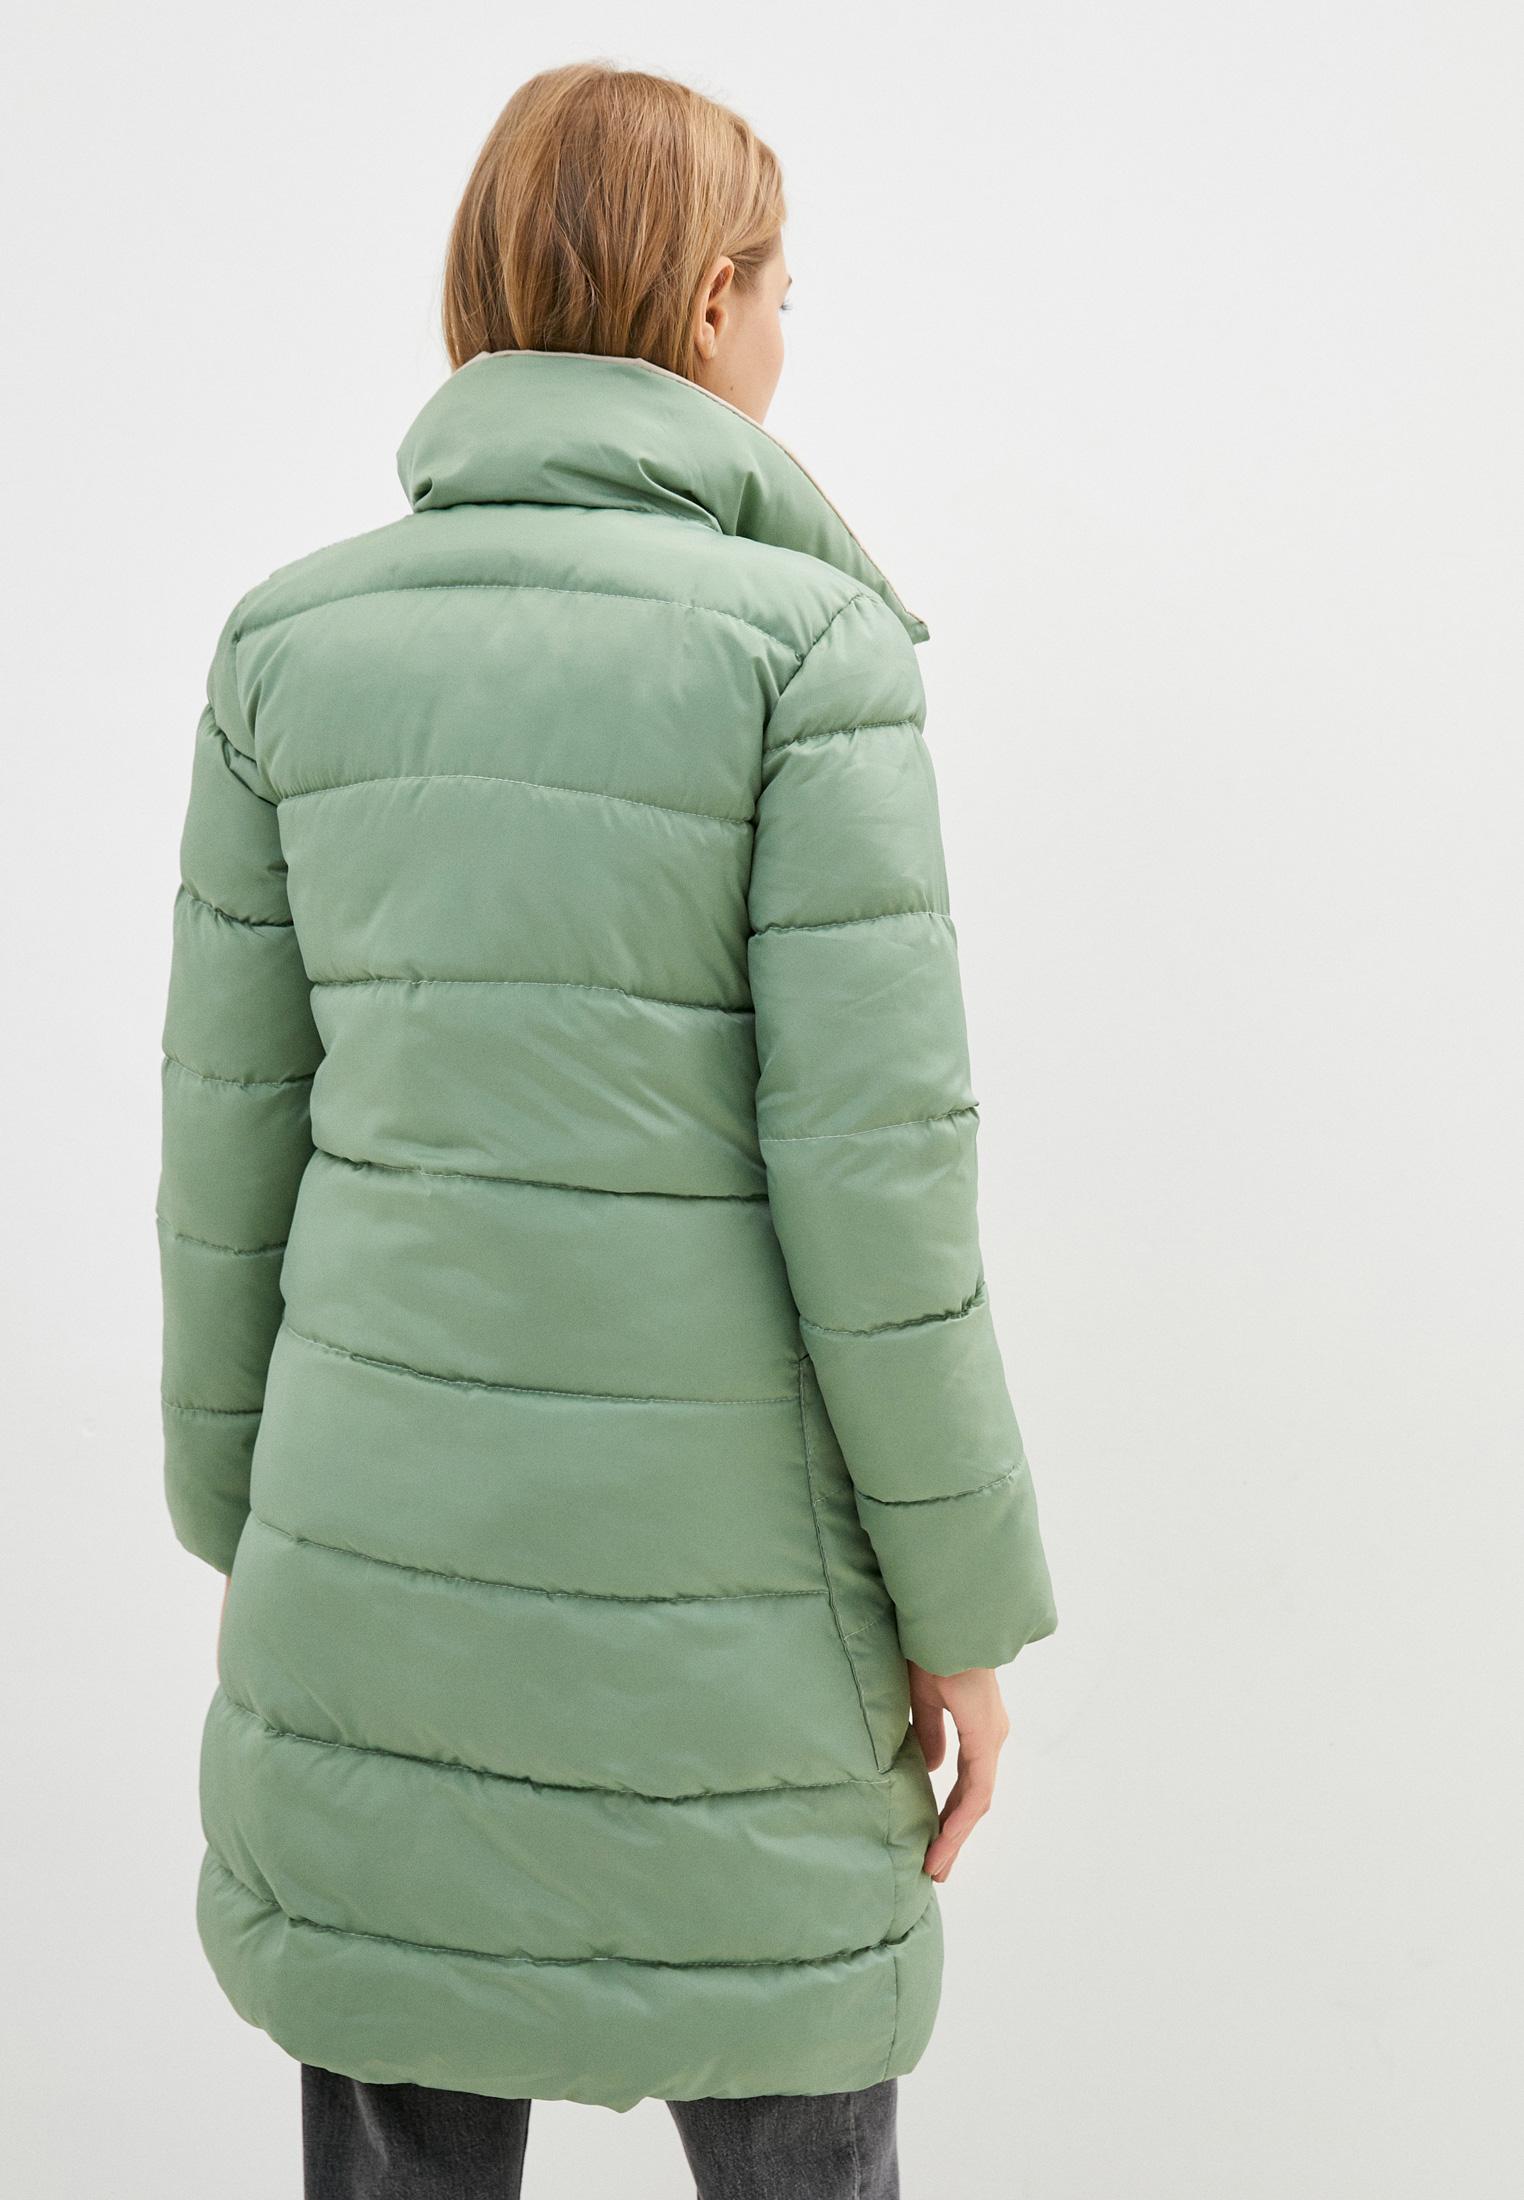 Утепленная куртка Nerouge N650-1: изображение 3